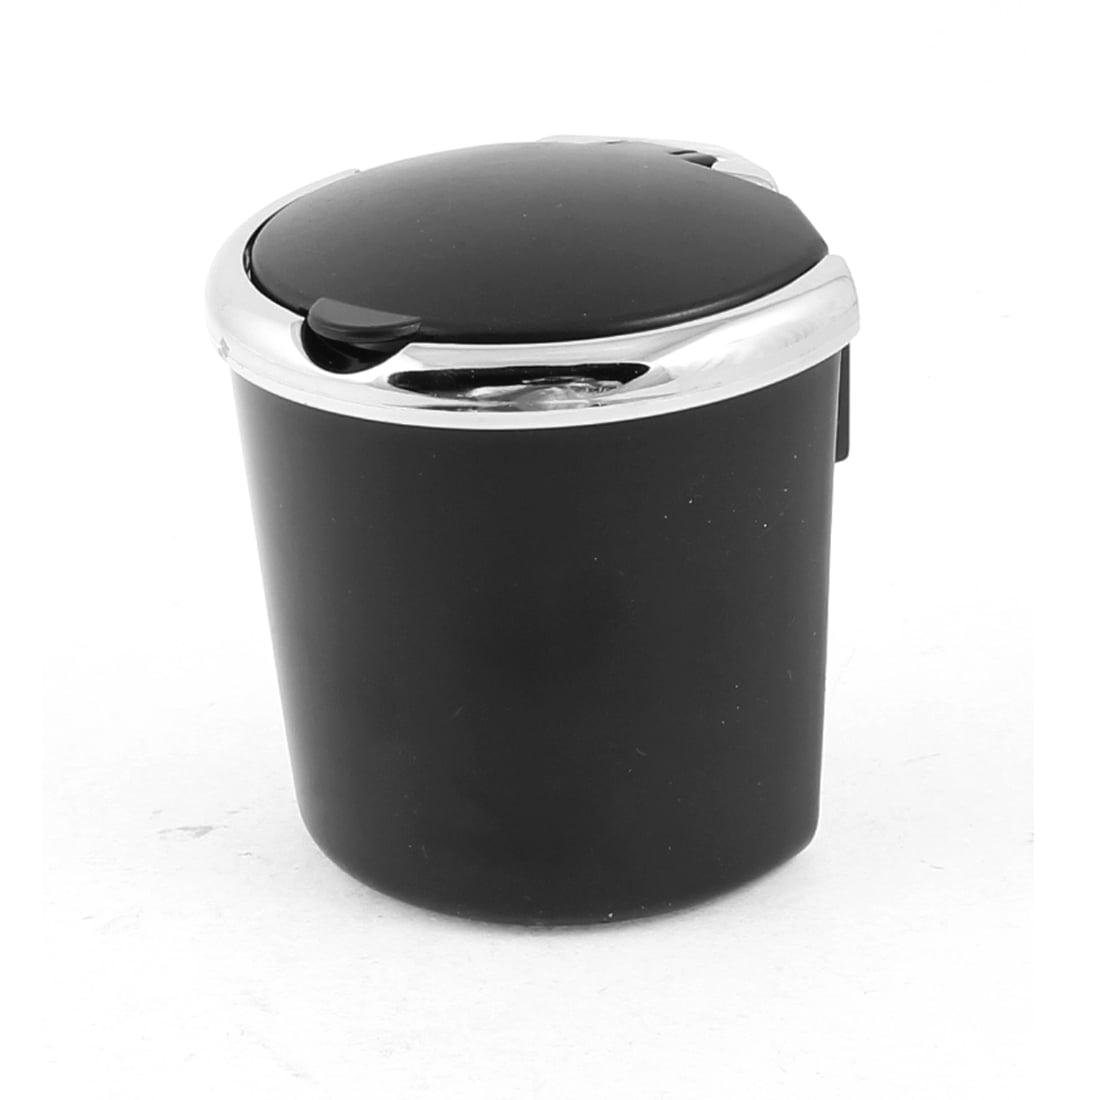 Cendrier Coque Plastique Noir & Argent pour Voiture - image 1 de 1